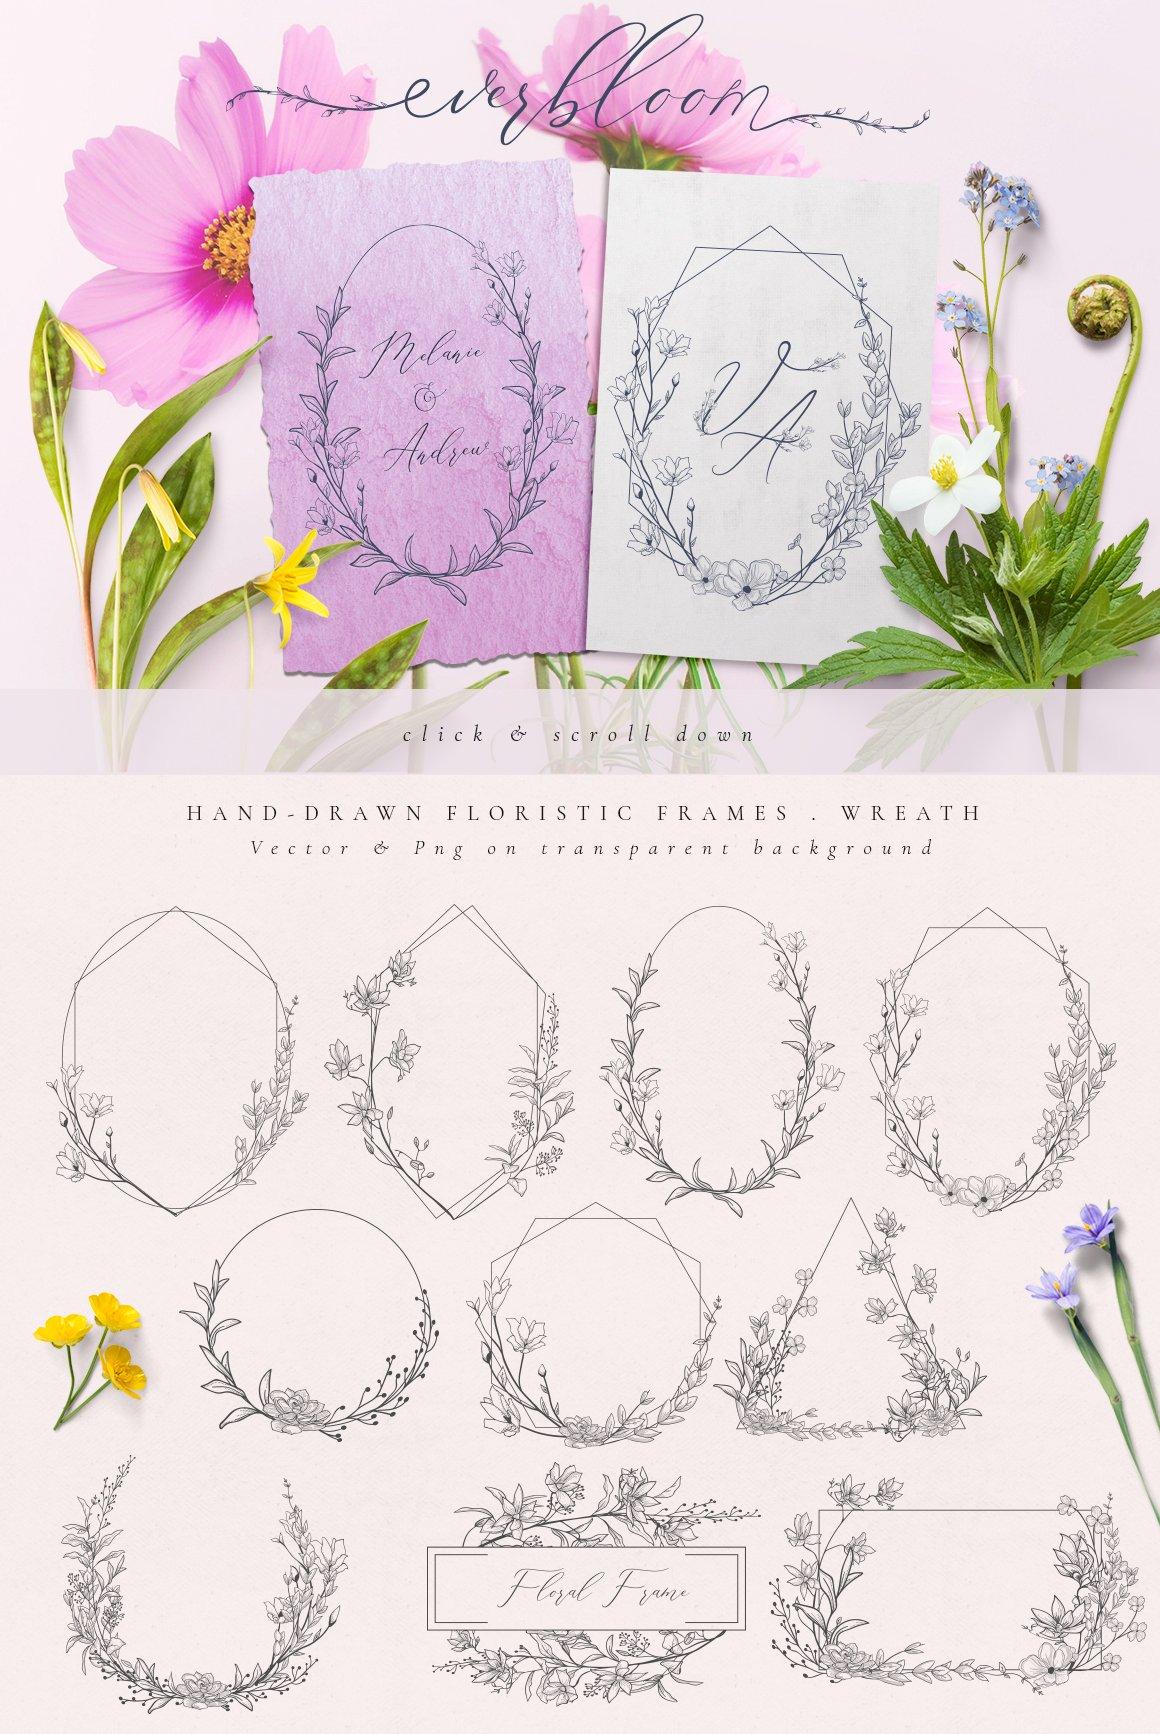 精美手绘花框花环徽标矢量图案素材 Flowered Monogram & Logo Collection插图(4)